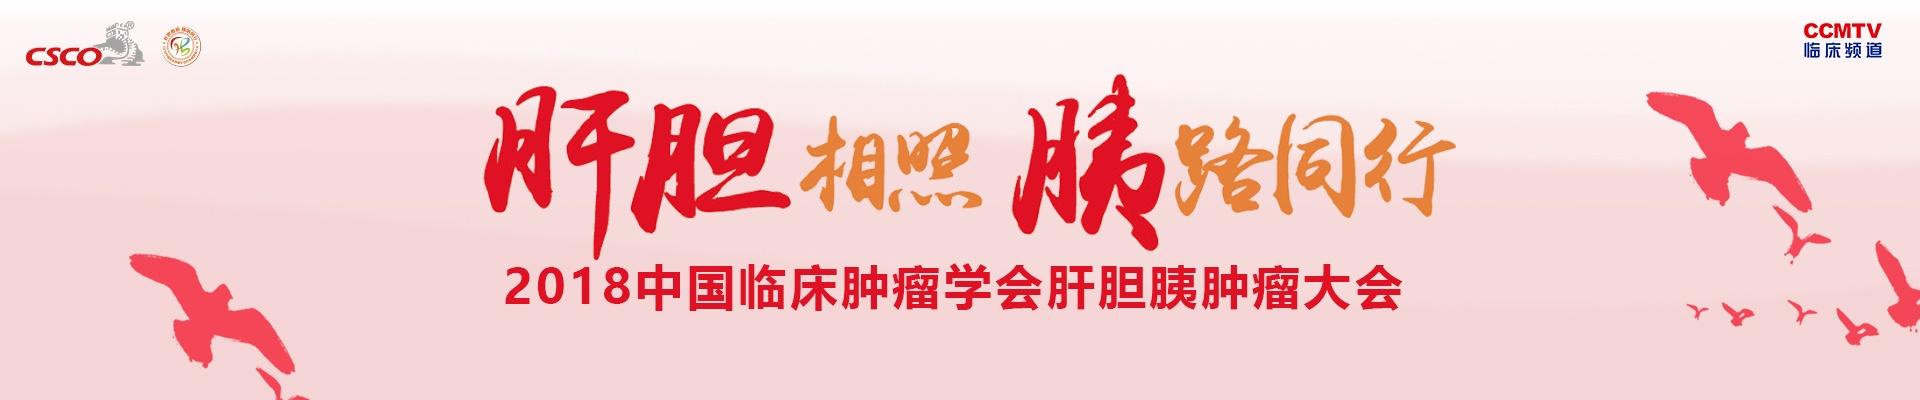 2018中国临床肿瘤学会肝胆胰肿瘤大会